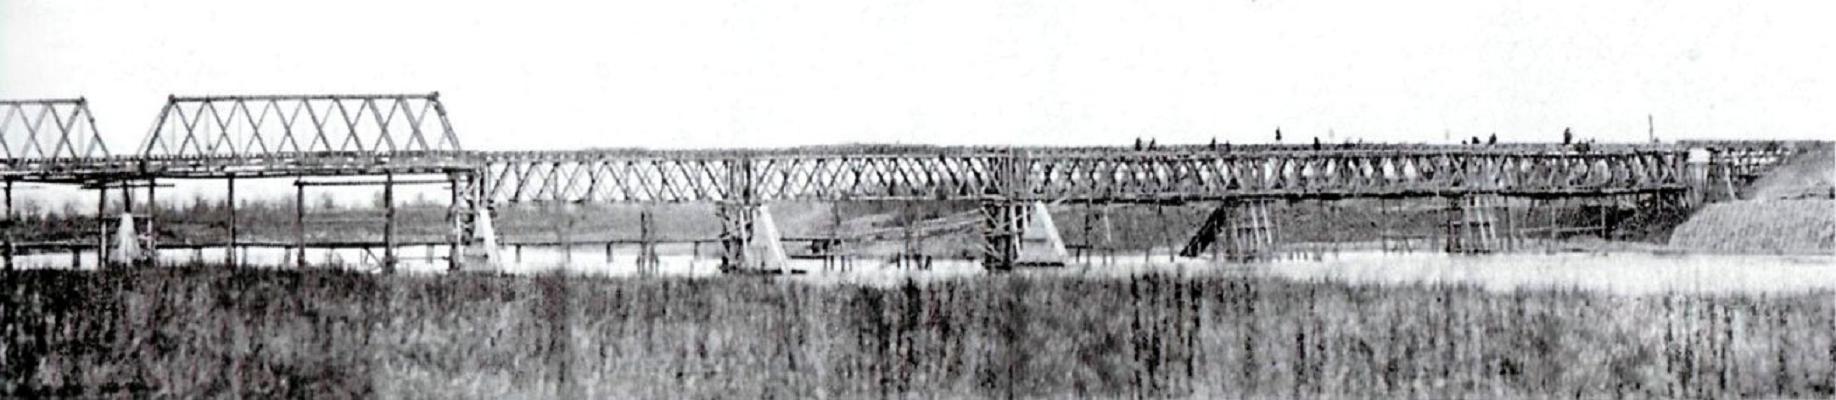 Мост Рязано-Владимирской узкоколейной ж.д. через реку Клязьма